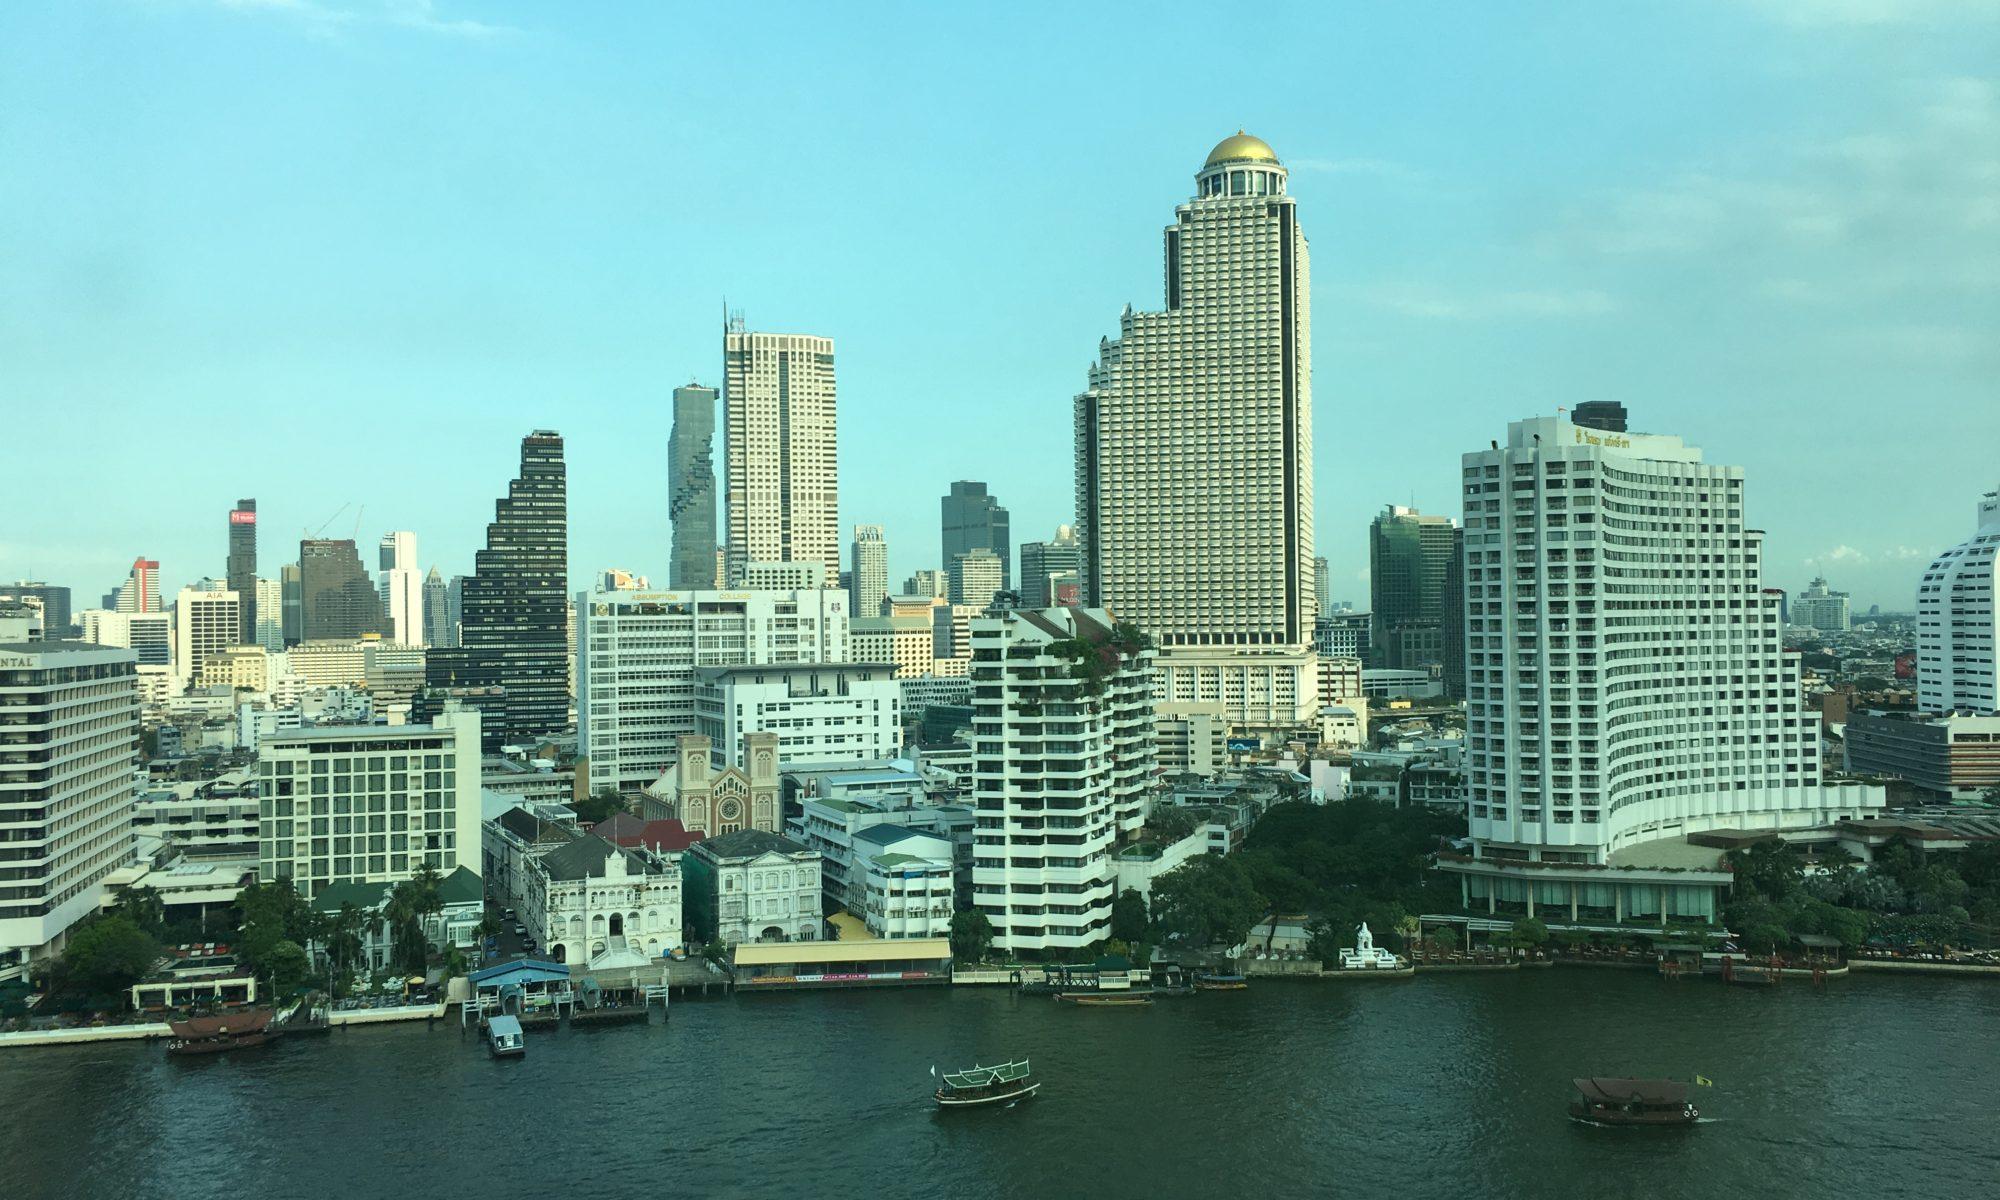 泰國曼谷住宿推薦:人間之上的半島酒店Peninsula Bangkok